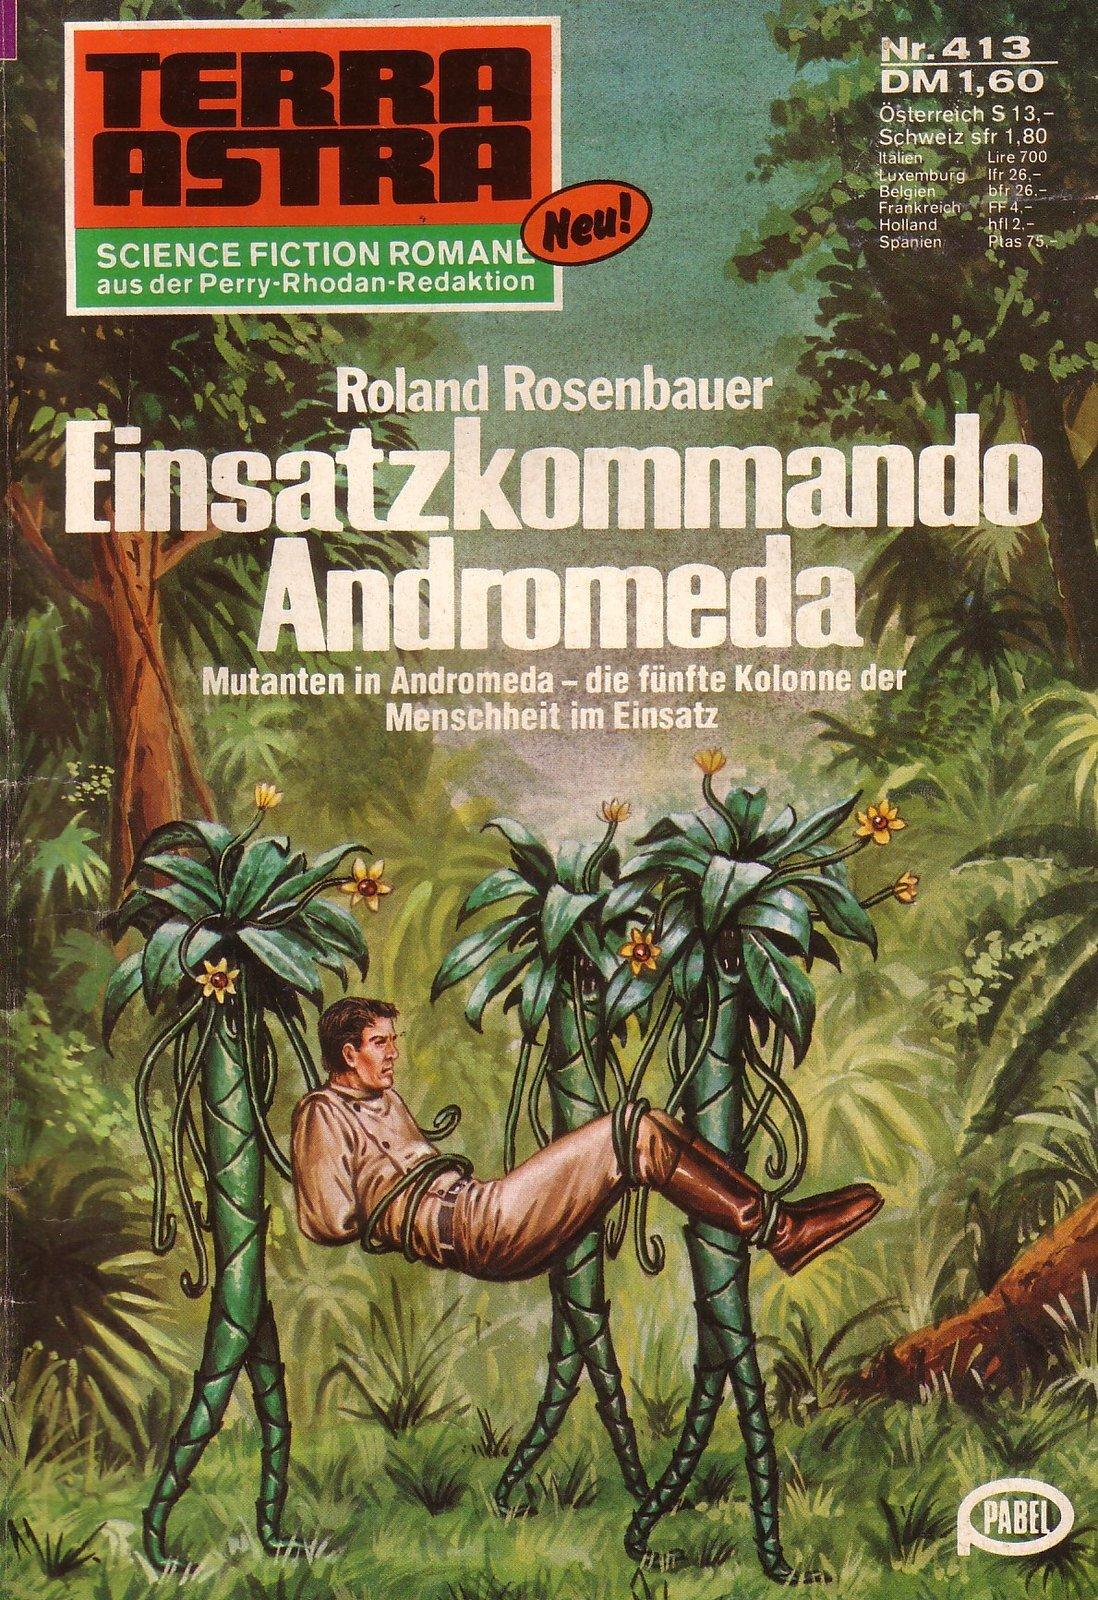 Космические монстры на обложках немецкого Sci-fi журнала Terra